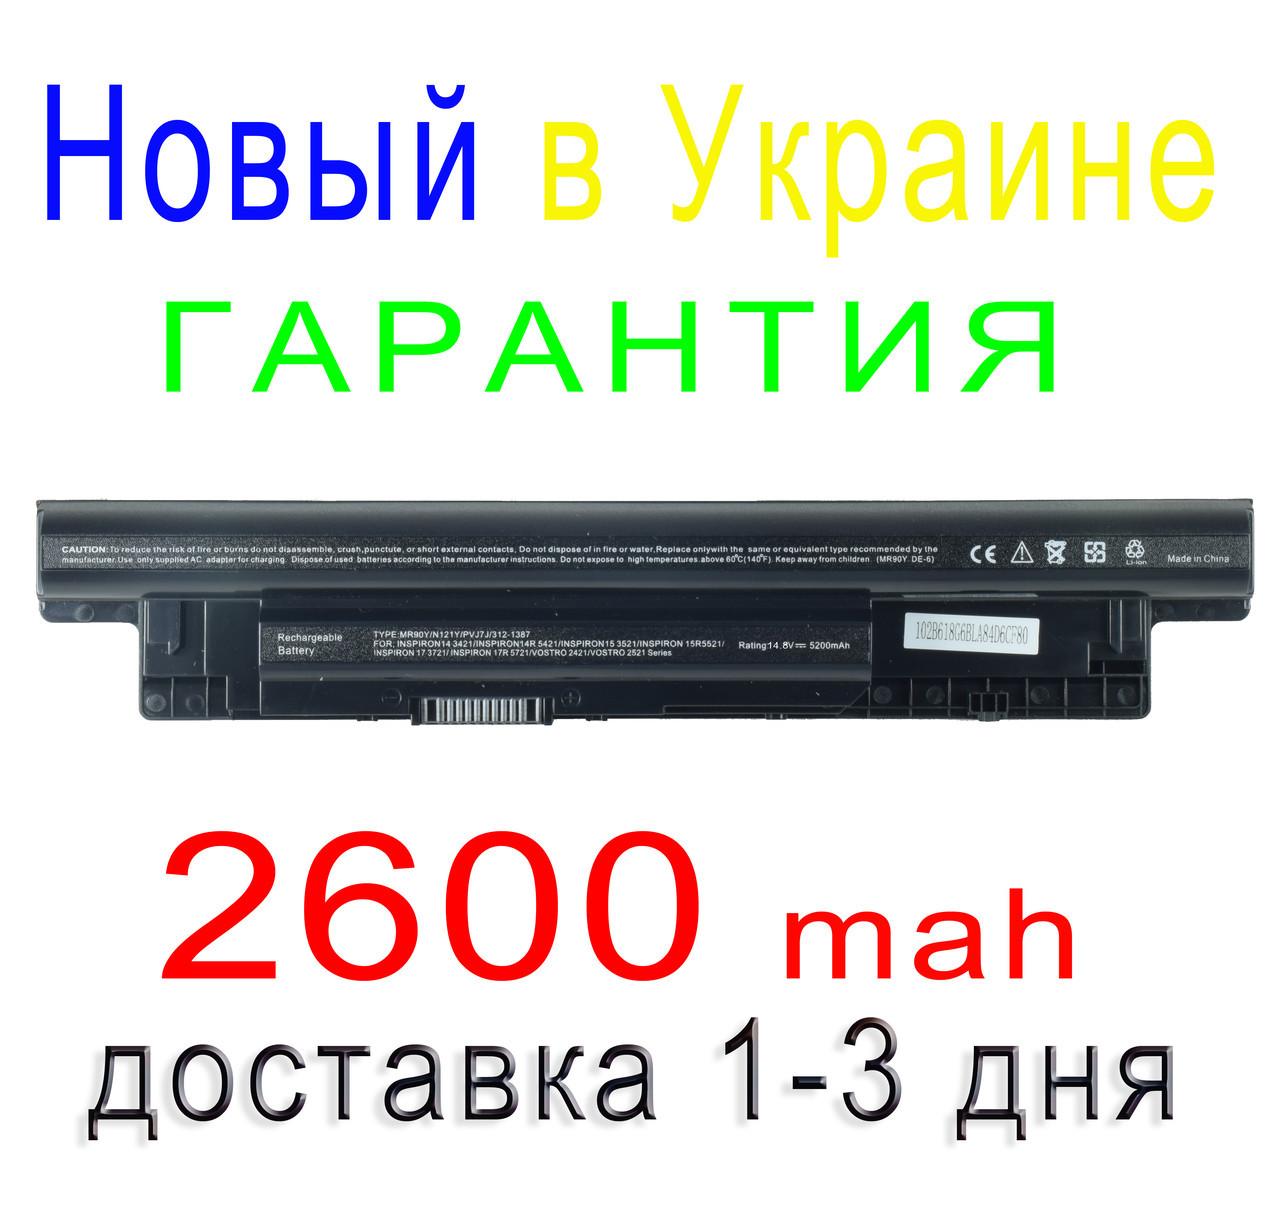 Аккумулятор батарея DELL Inspiron XCMRD YGMTN 312-1392 312-1433 4DMNG 68DTP 6HY59 6KP1N 8RT1 14.4 В